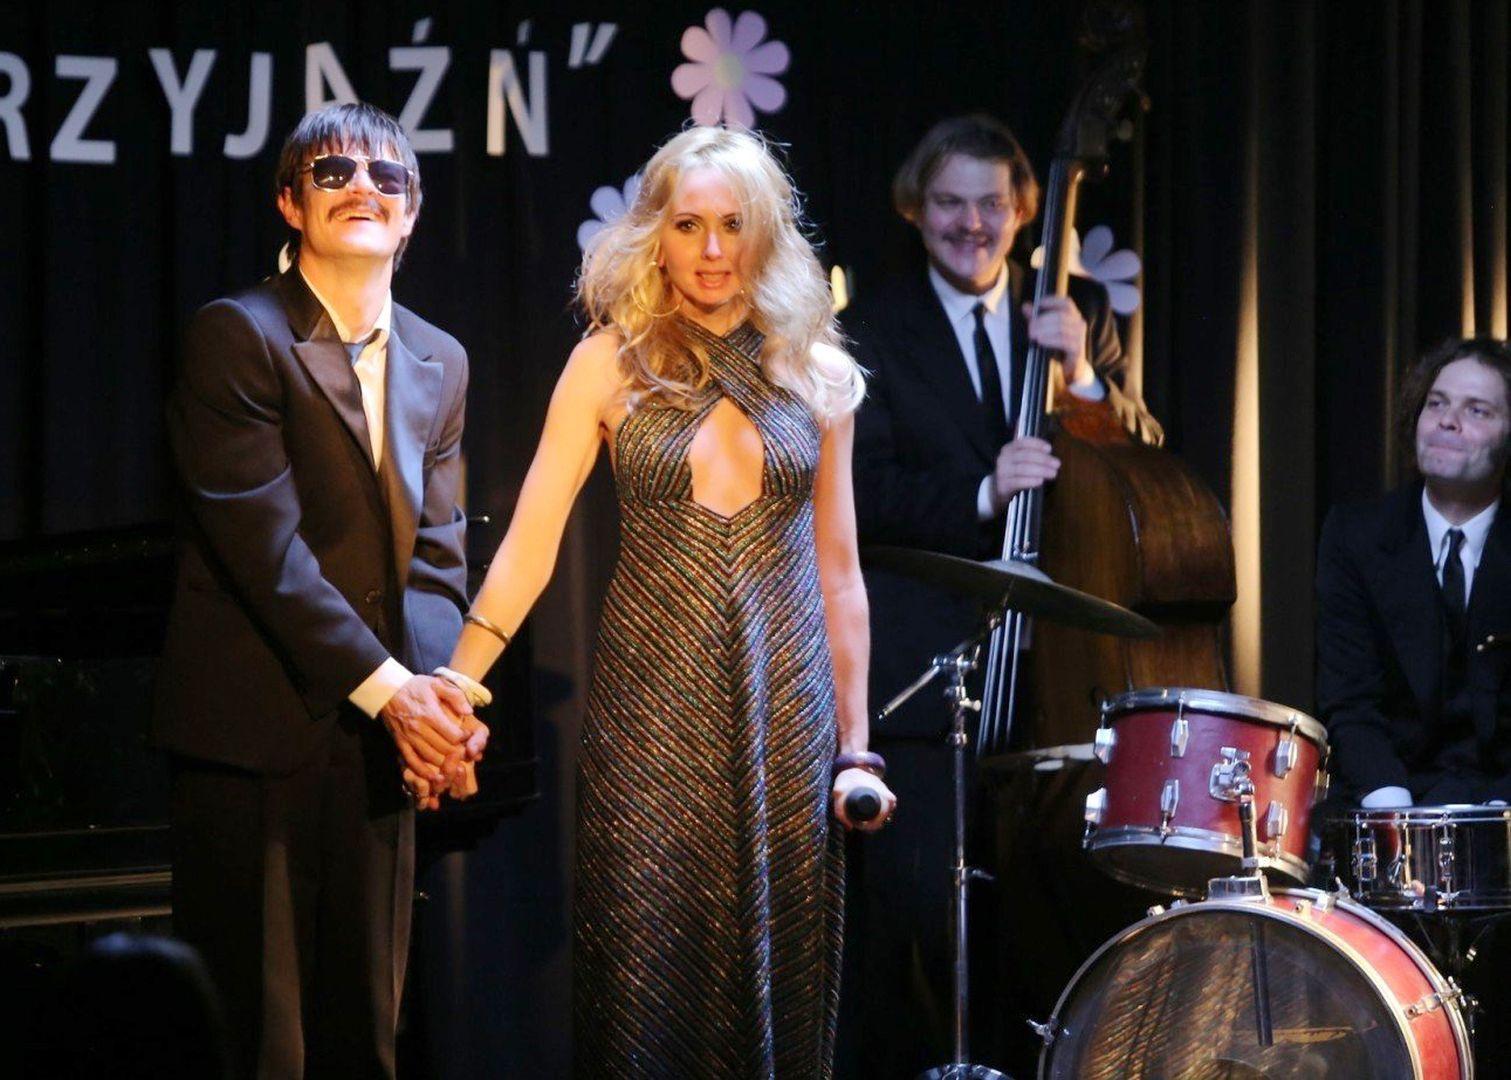 波蘭女星賈絲蒂娜華西萊夫斯卡婭(Justyna Wasilewska)《只有悲傷才是美麗的》與影帝大衛奧格羅尼克(DawidOgrodnik)高唱【月河】浪漫感人,教人回味再三